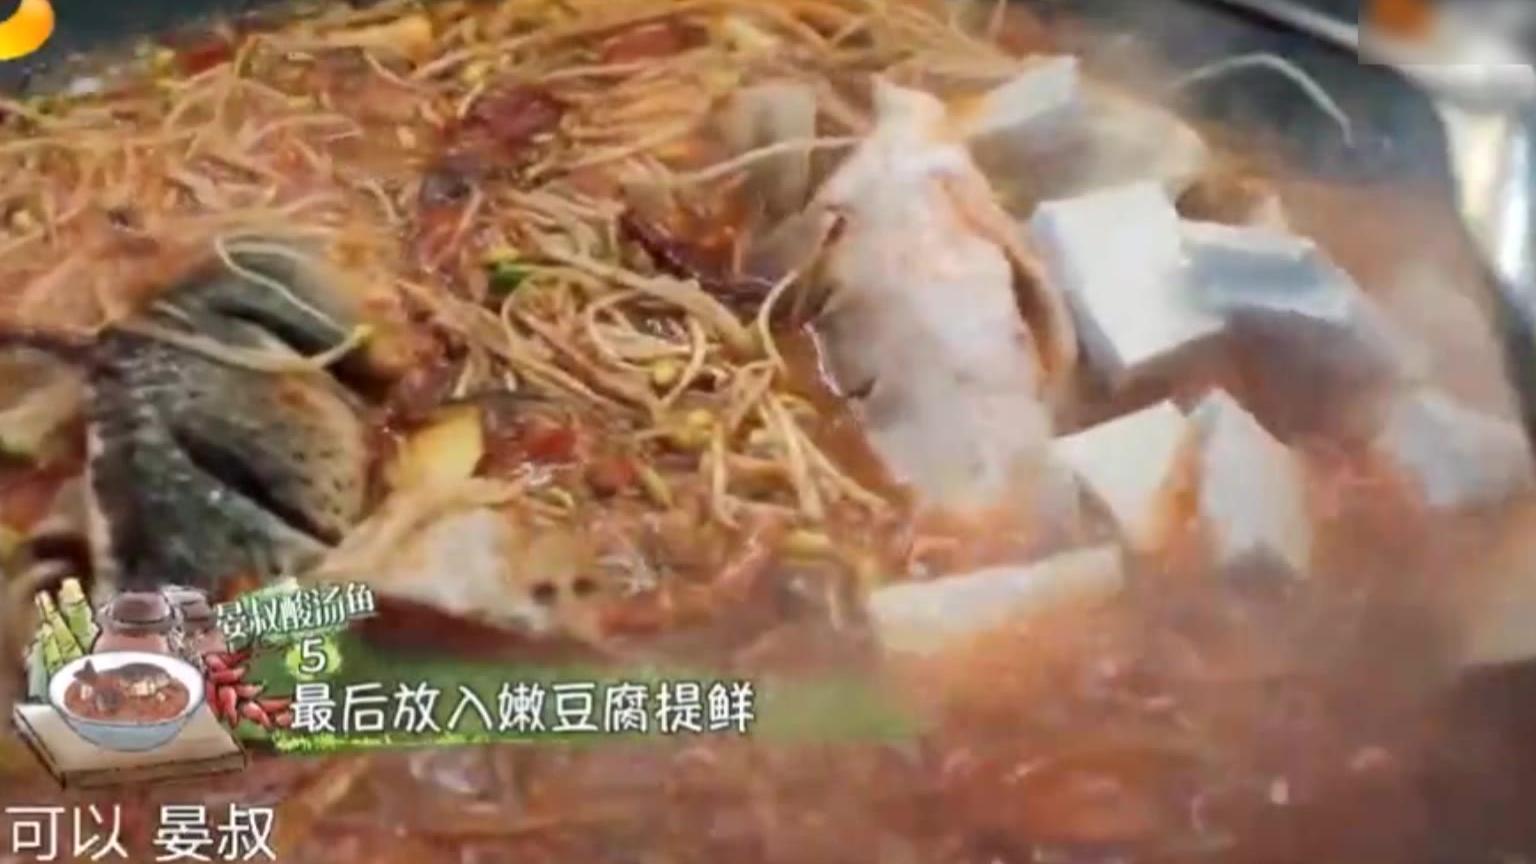 黄小厨的美味食谱《晏叔酸汤鱼》